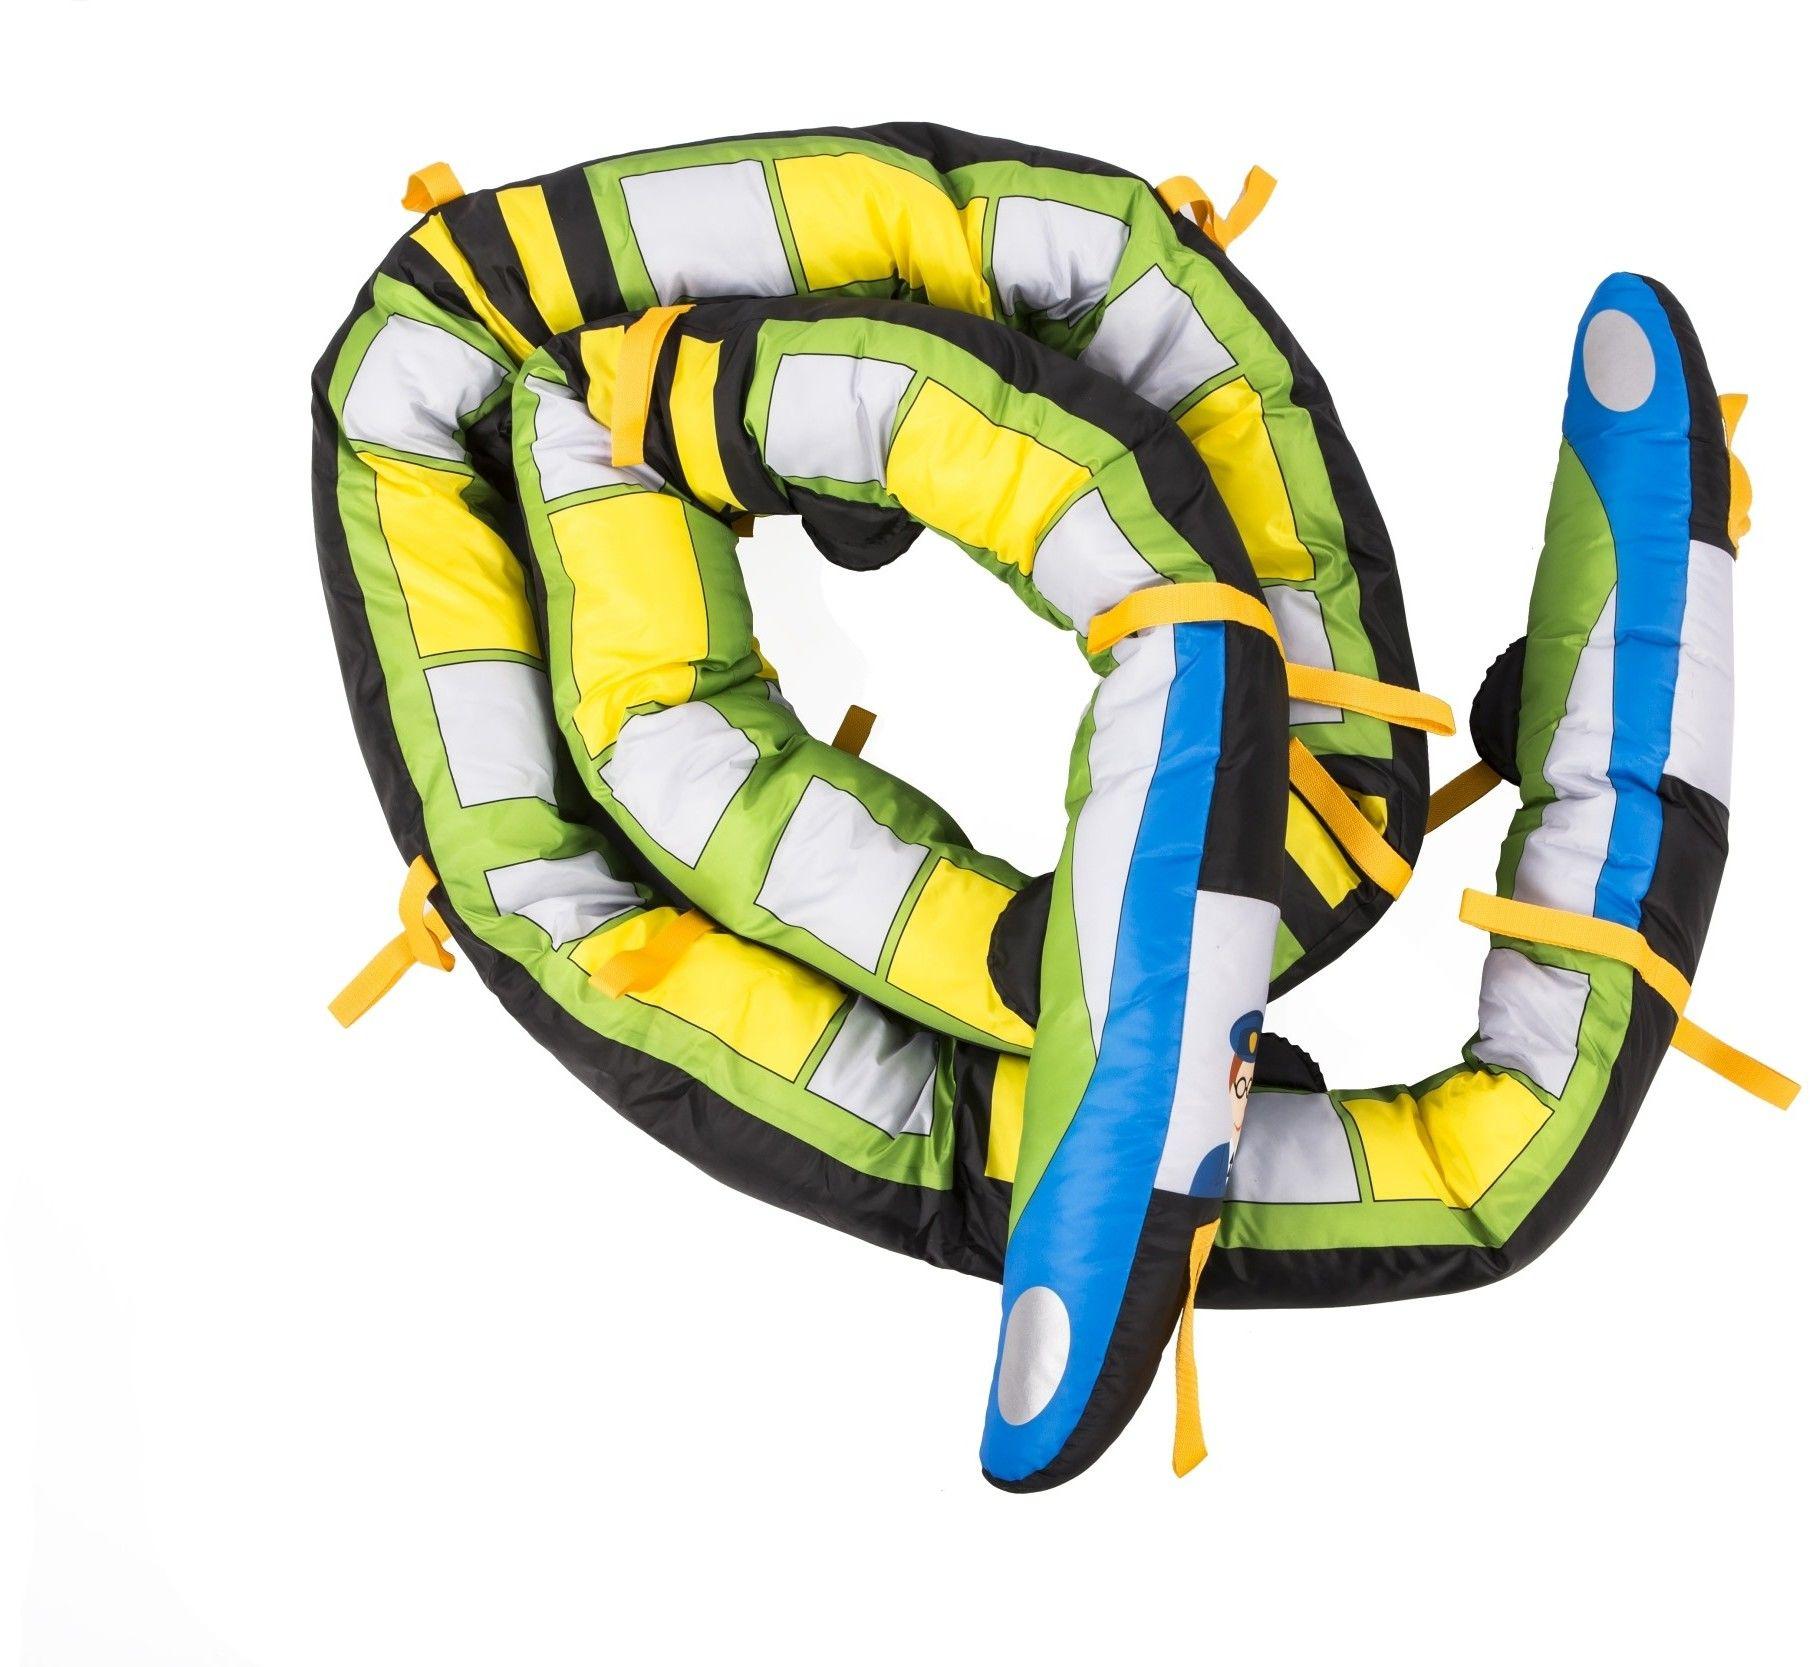 Wąż spacerowy pociąg 5 m - 18 uchwytów